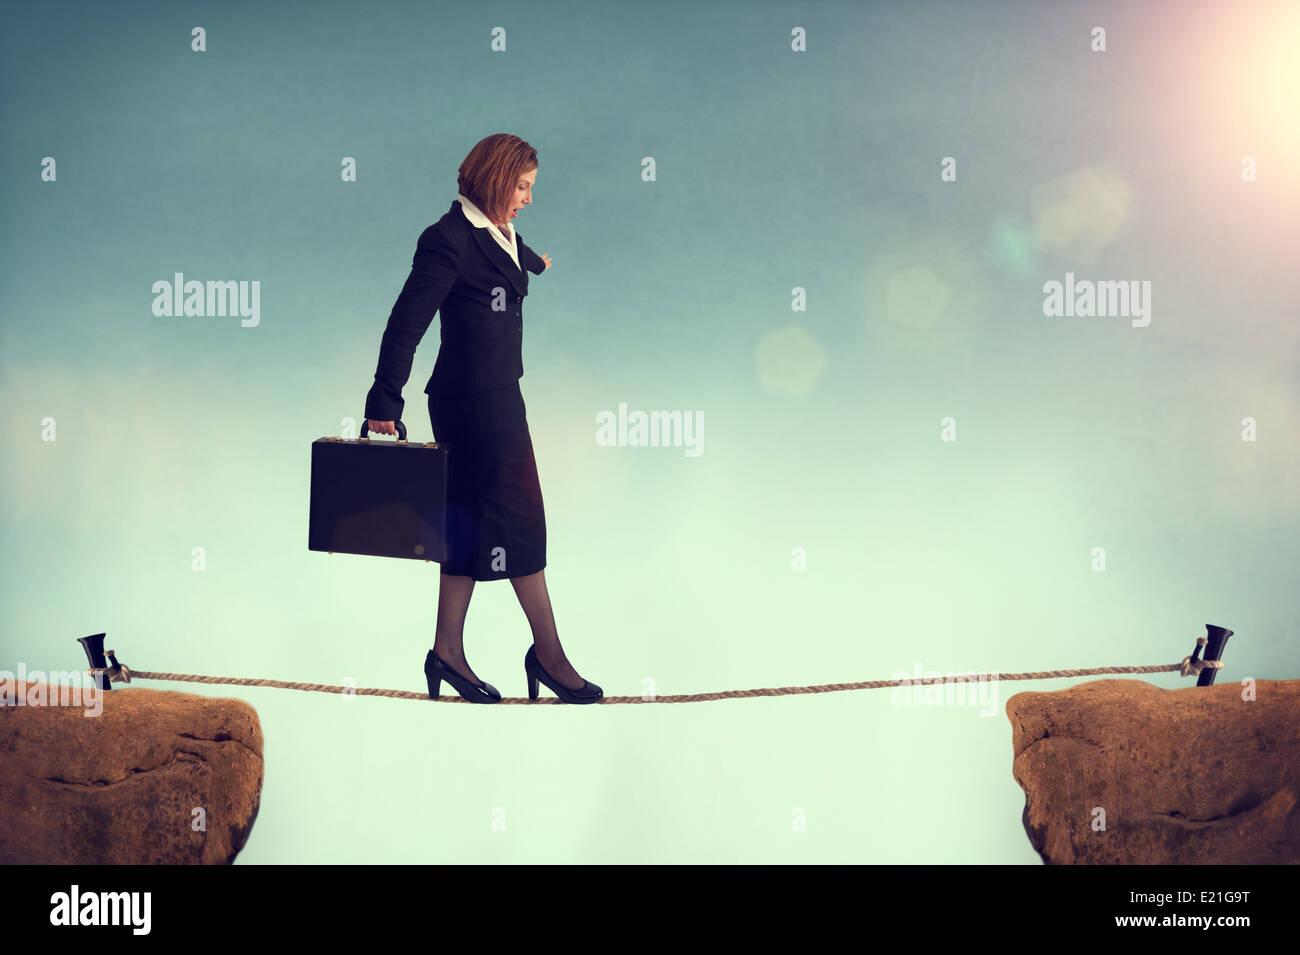 La empresaria equilibrio sobre una cuerda floja enfrenta un desafío o riesgo o conquistar la adversidad concepto Imagen De Stock